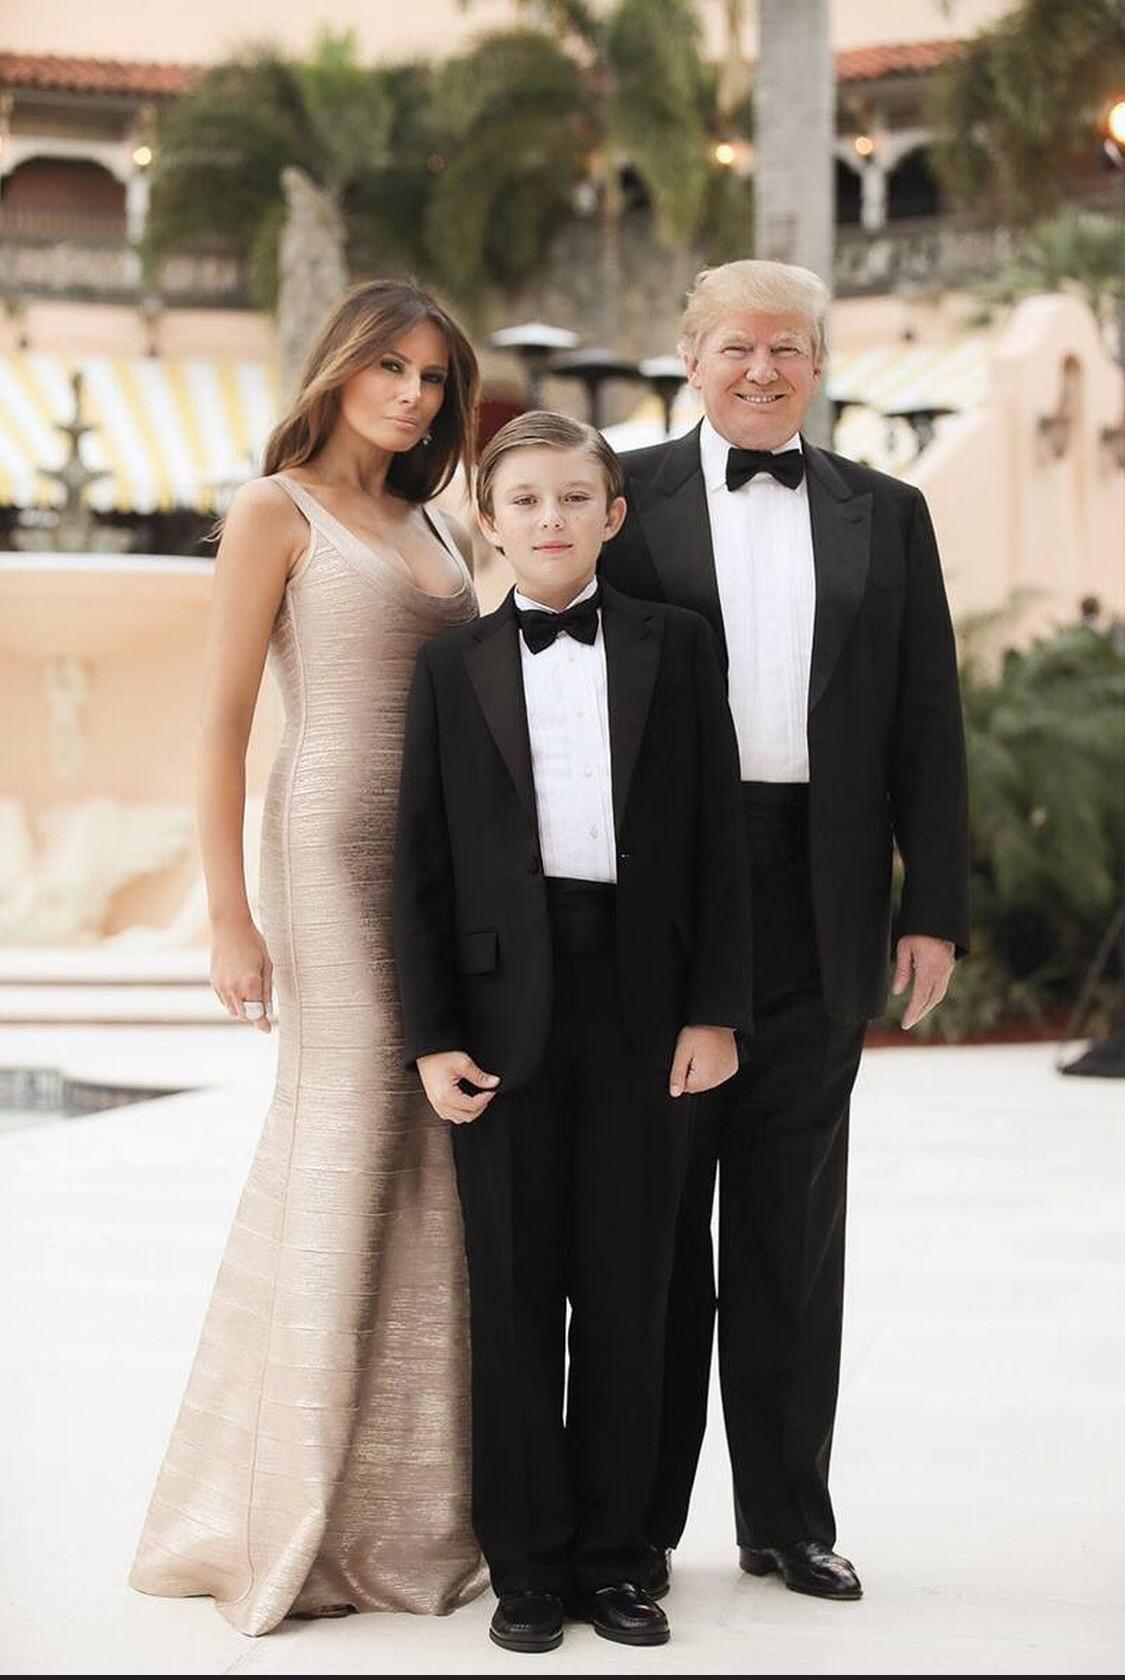 """Đã đẹp trai còn hay mặc suit, hèn gì cậu út nhà Trump đang là """"nam thần"""" được cả thế giới quan tâm - Ảnh 8."""